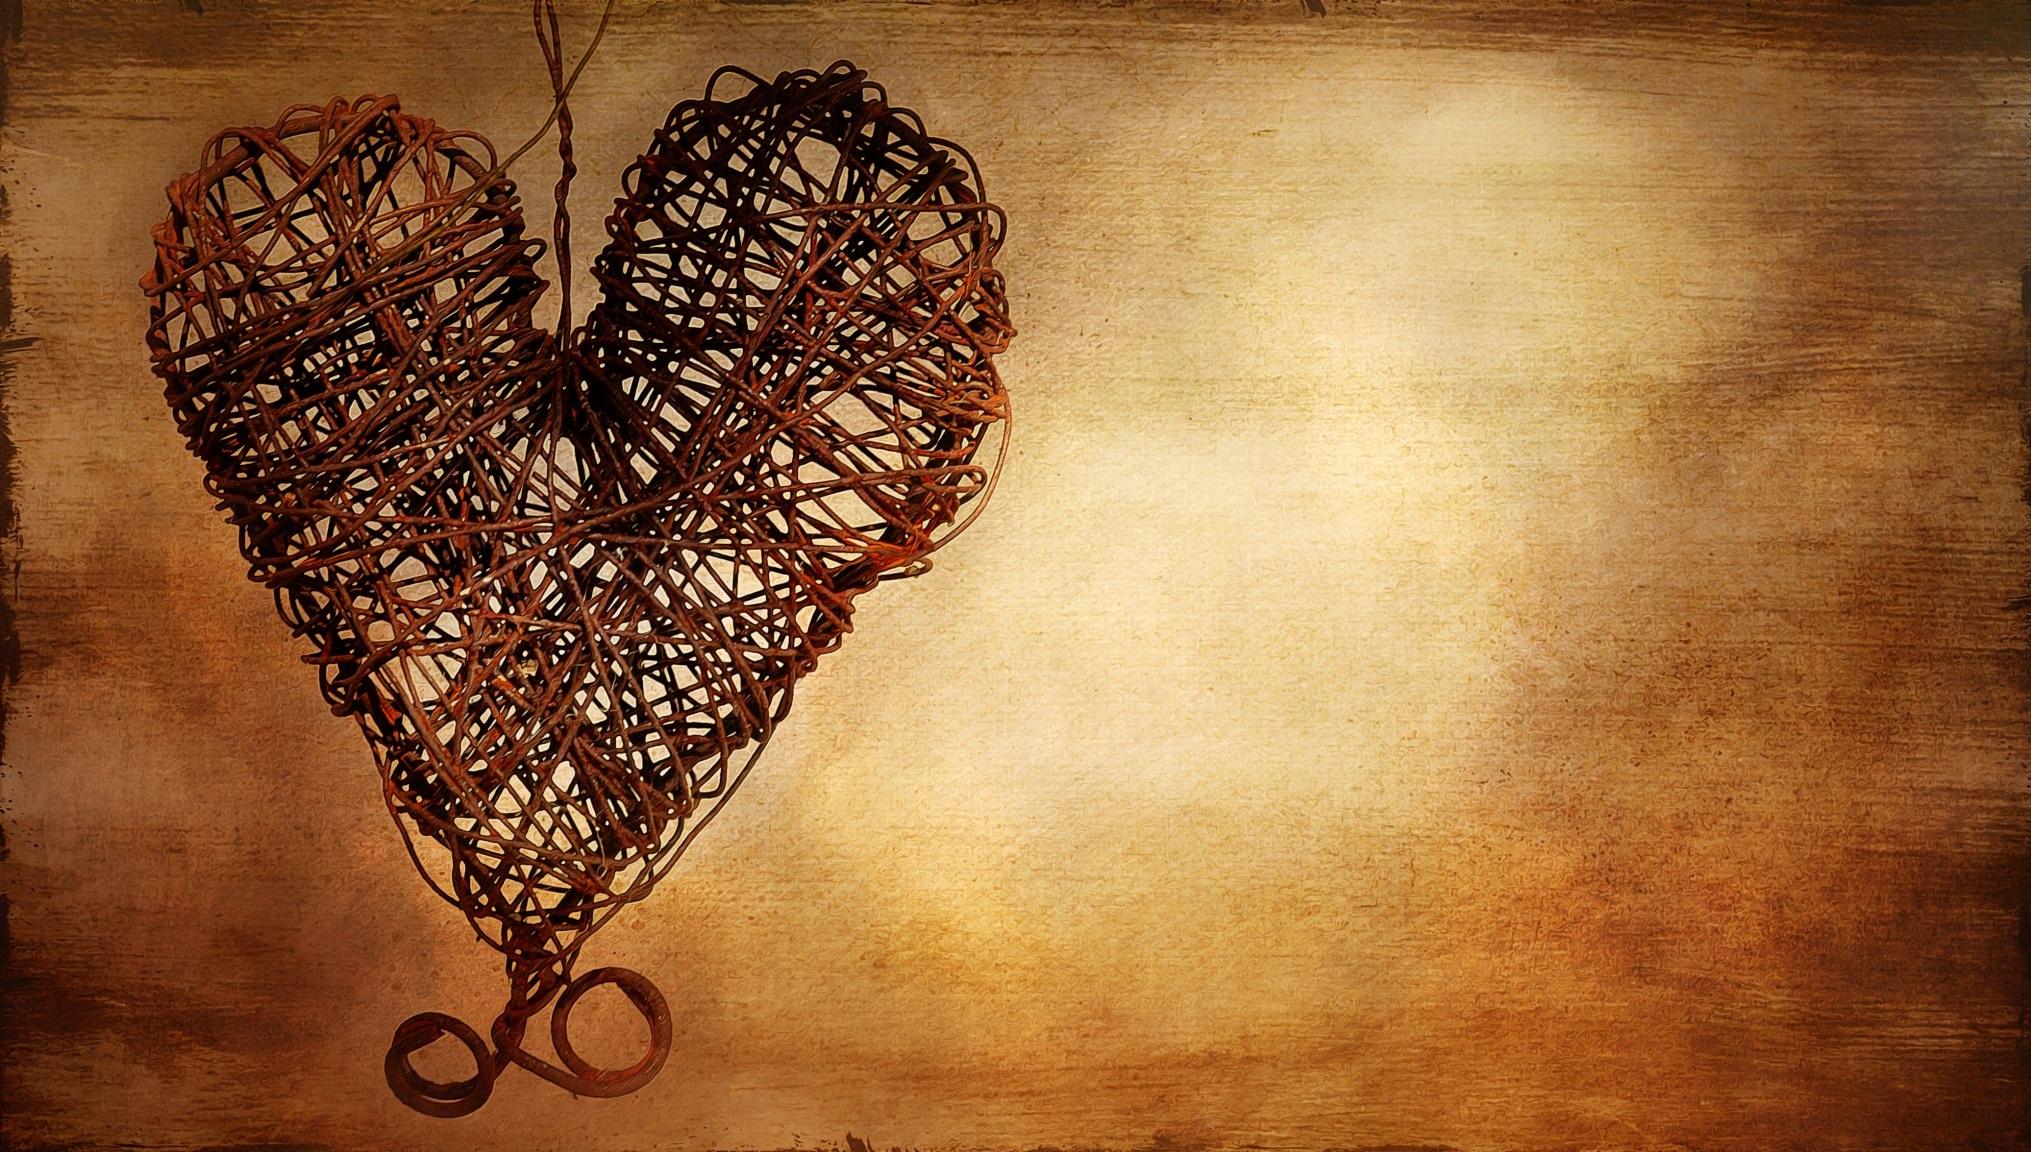 二度も同じ友人に好きだった人を取られて。。恐怖のデジャブが襲う恋愛の悲劇